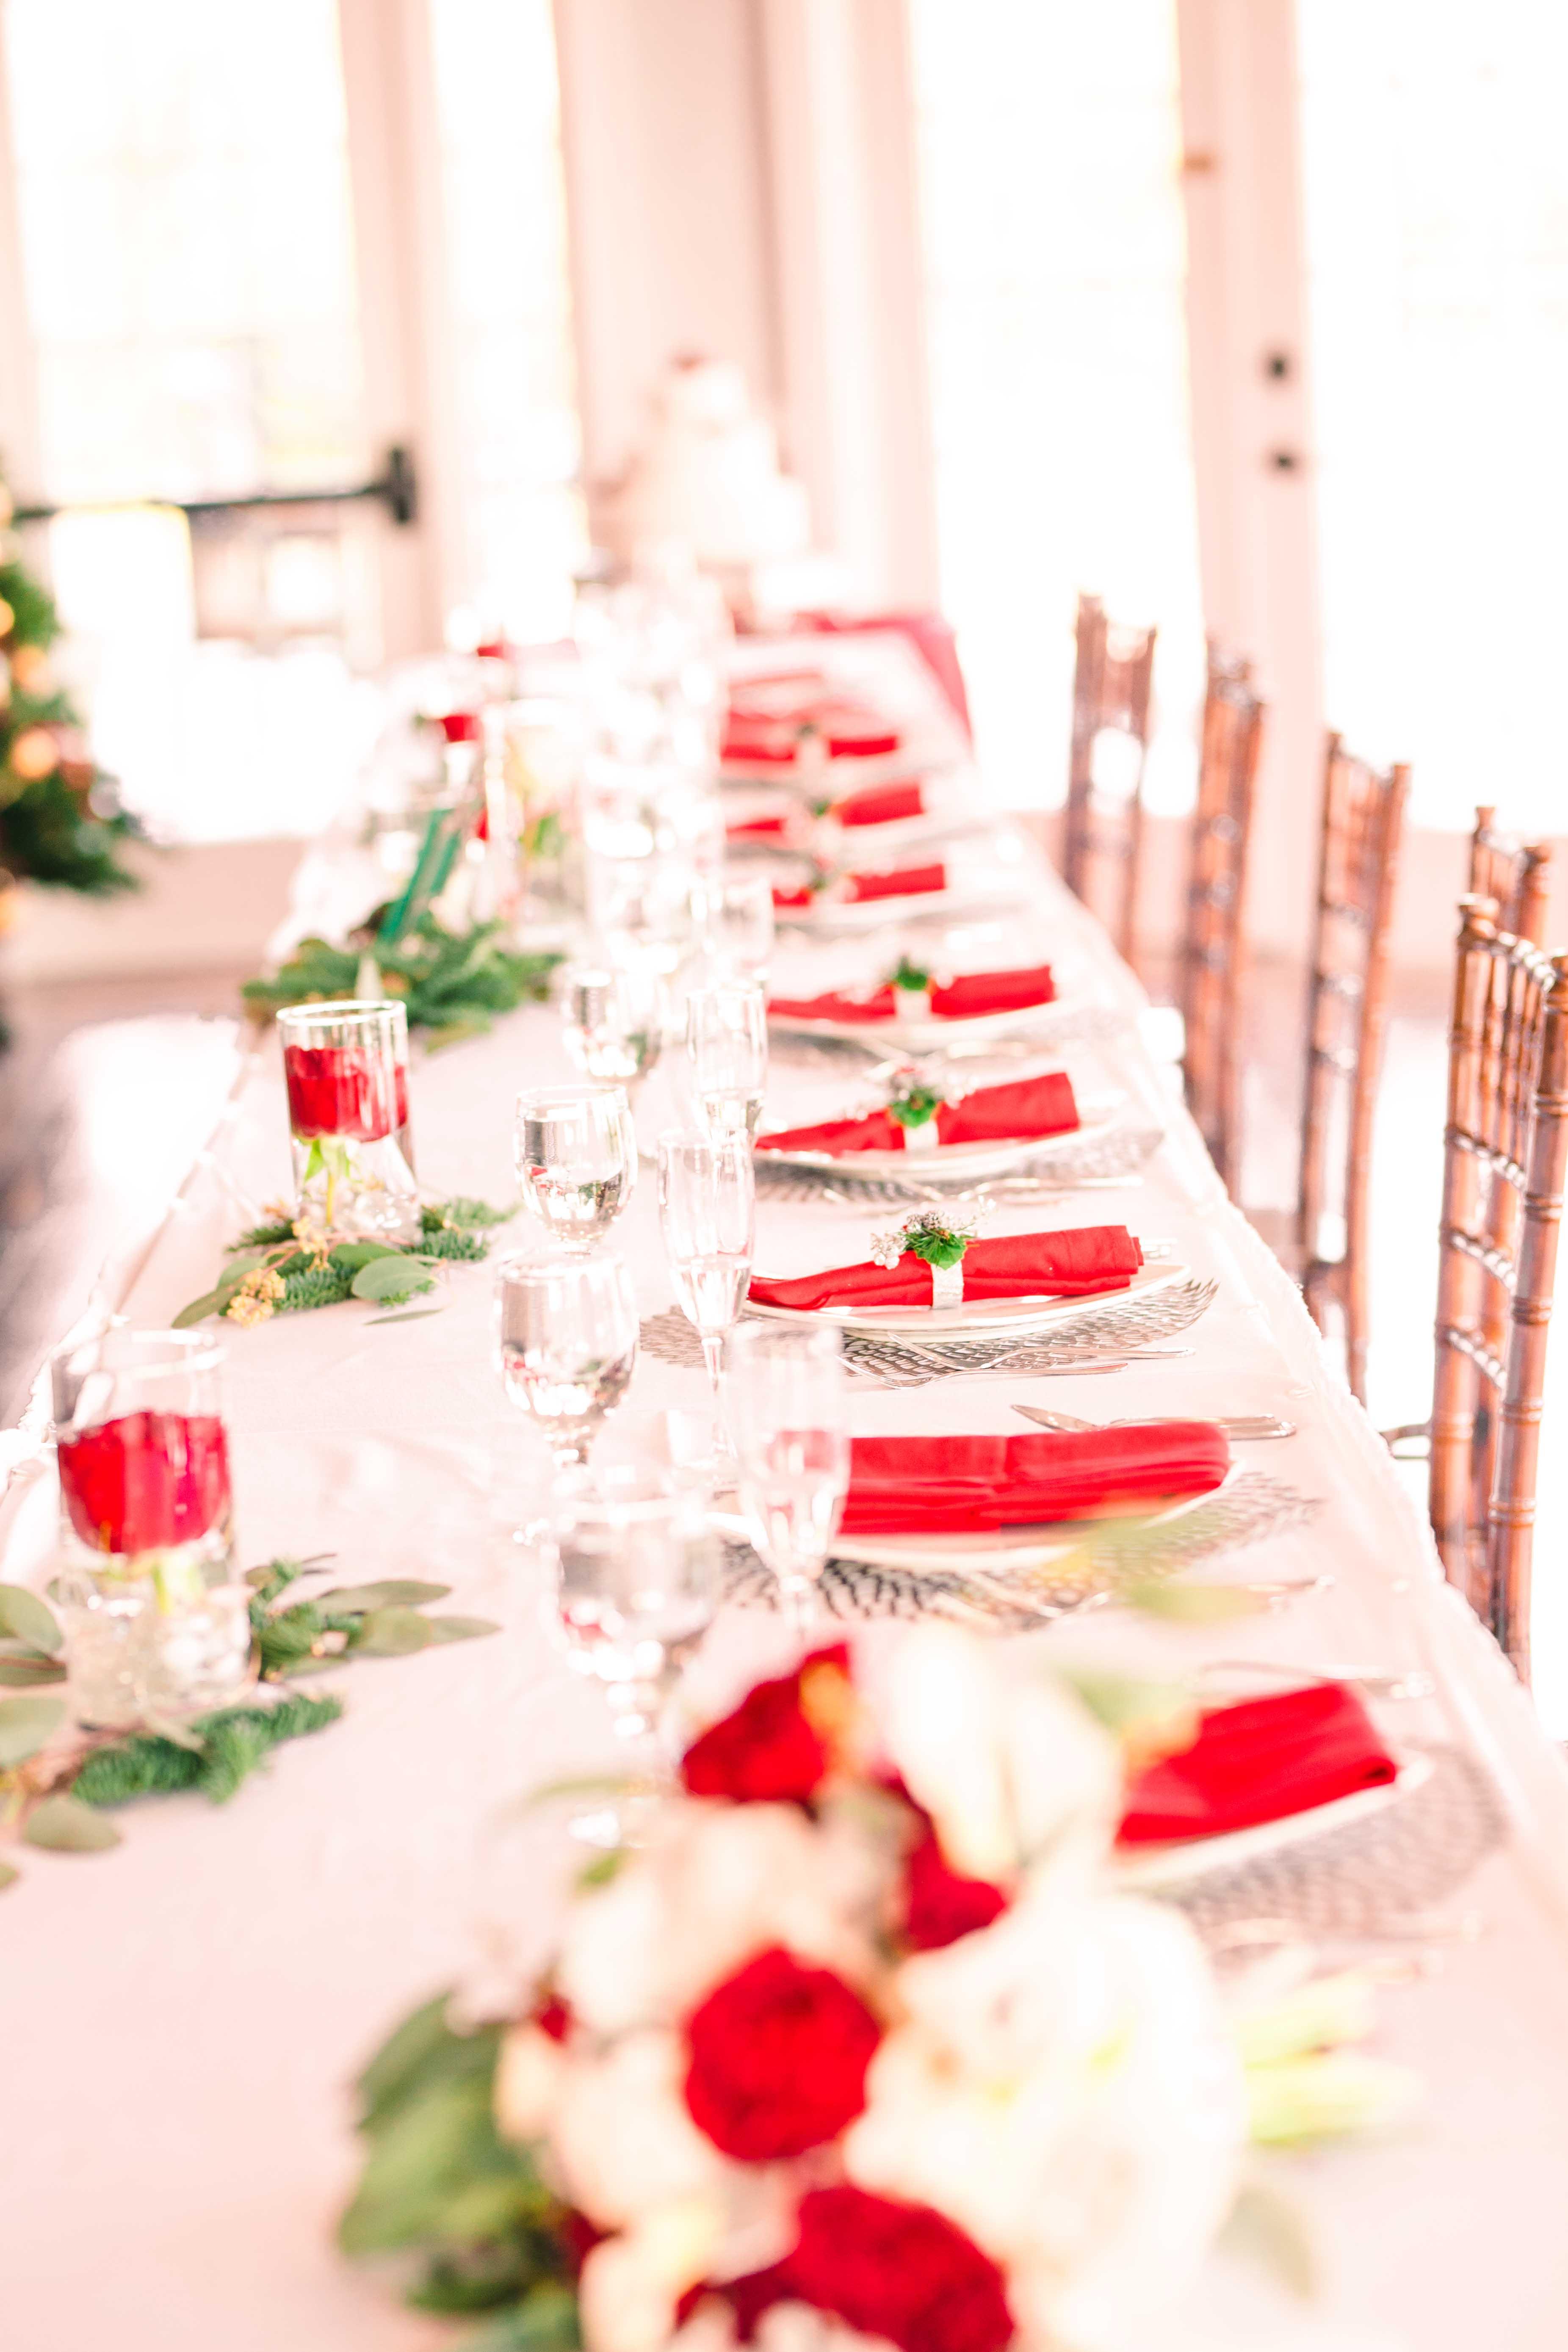 Winter wedding table spread